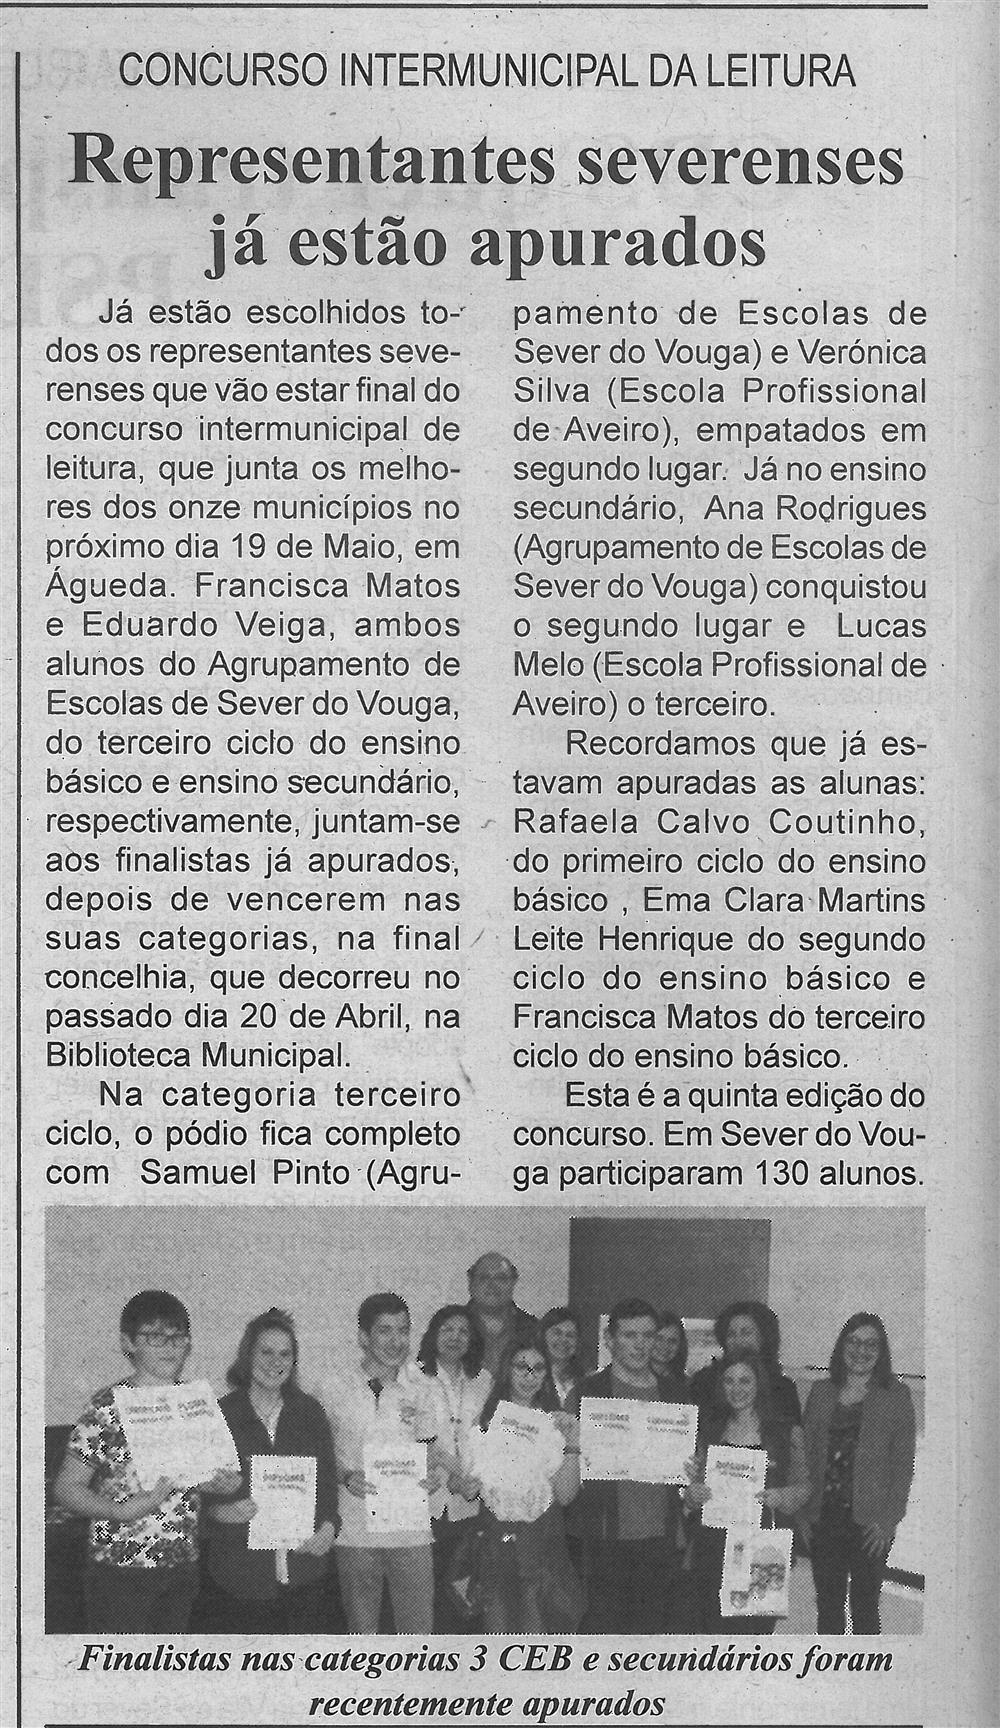 BV-1.ªmaio'18-p.6-Representantes severenses já estão apurados - Concurso Intermunicipal de Leitura.jpg